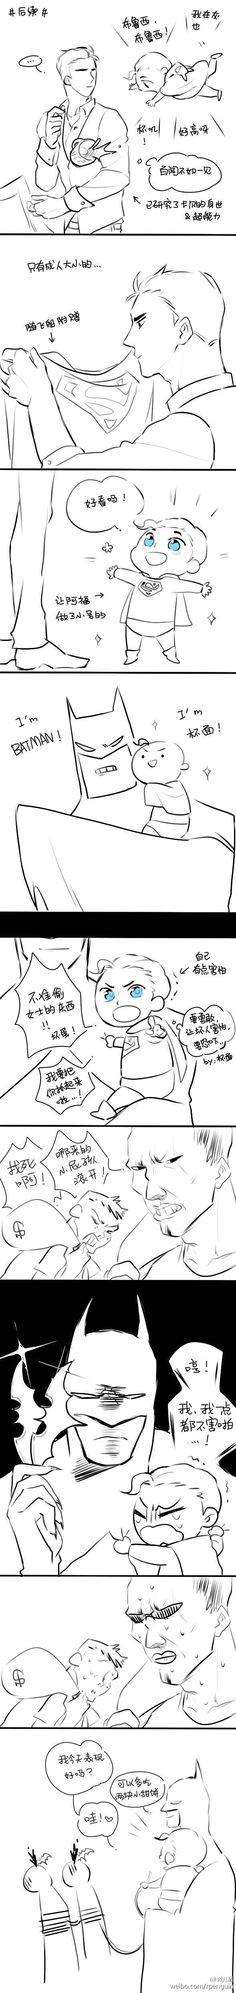 R切小甜餅的微博 (2016-05-04 11:04) <-- i wish i knew what it said. superbat.